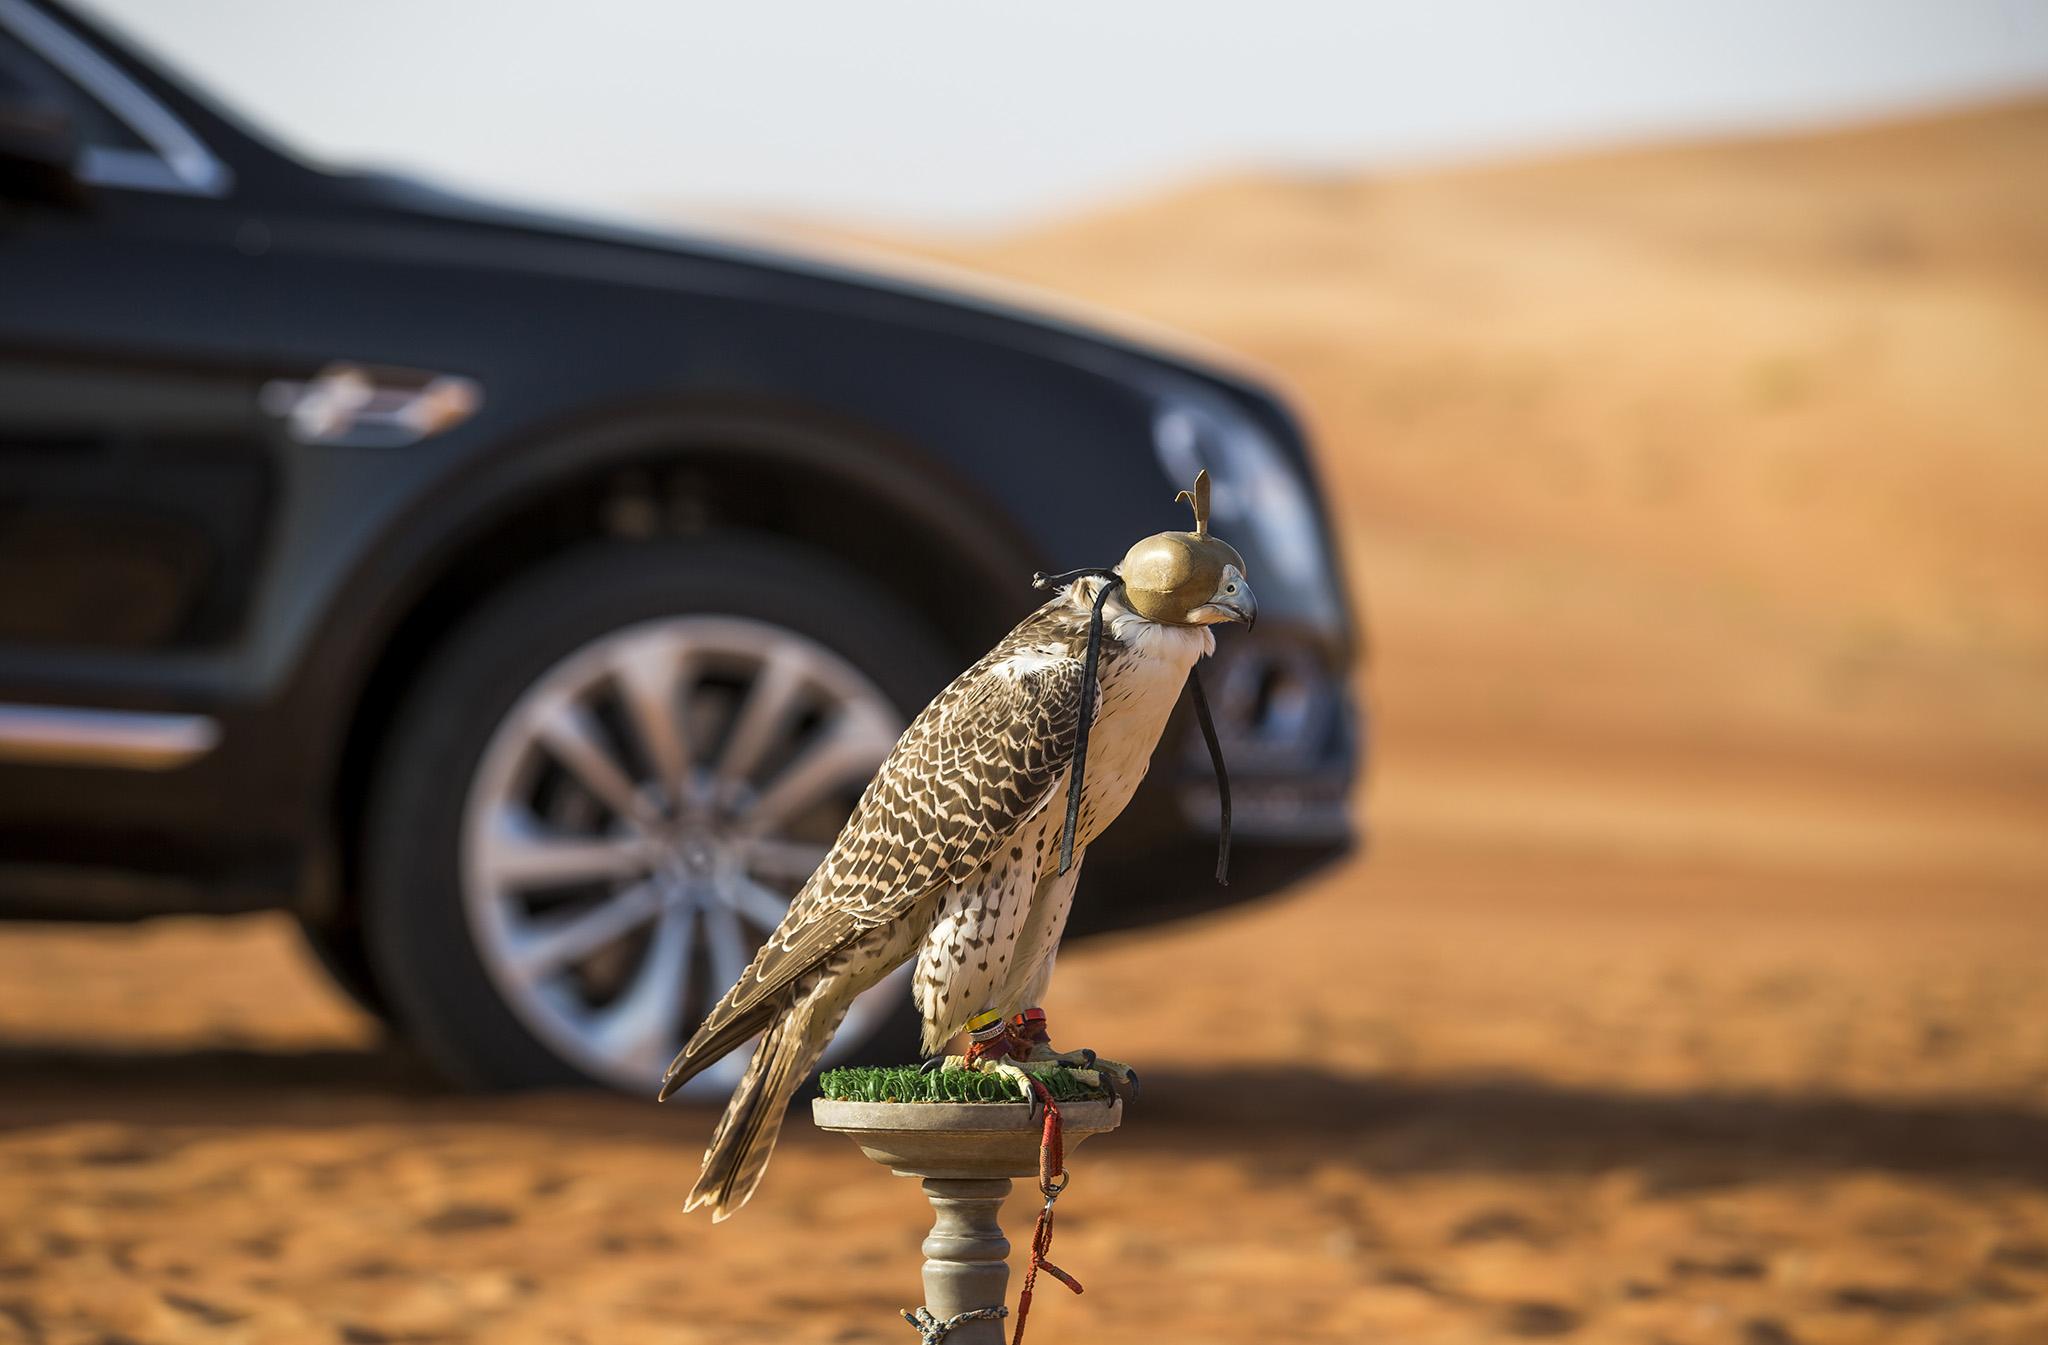 خودروی خاص بنتلی برای پرندگان اشرافی